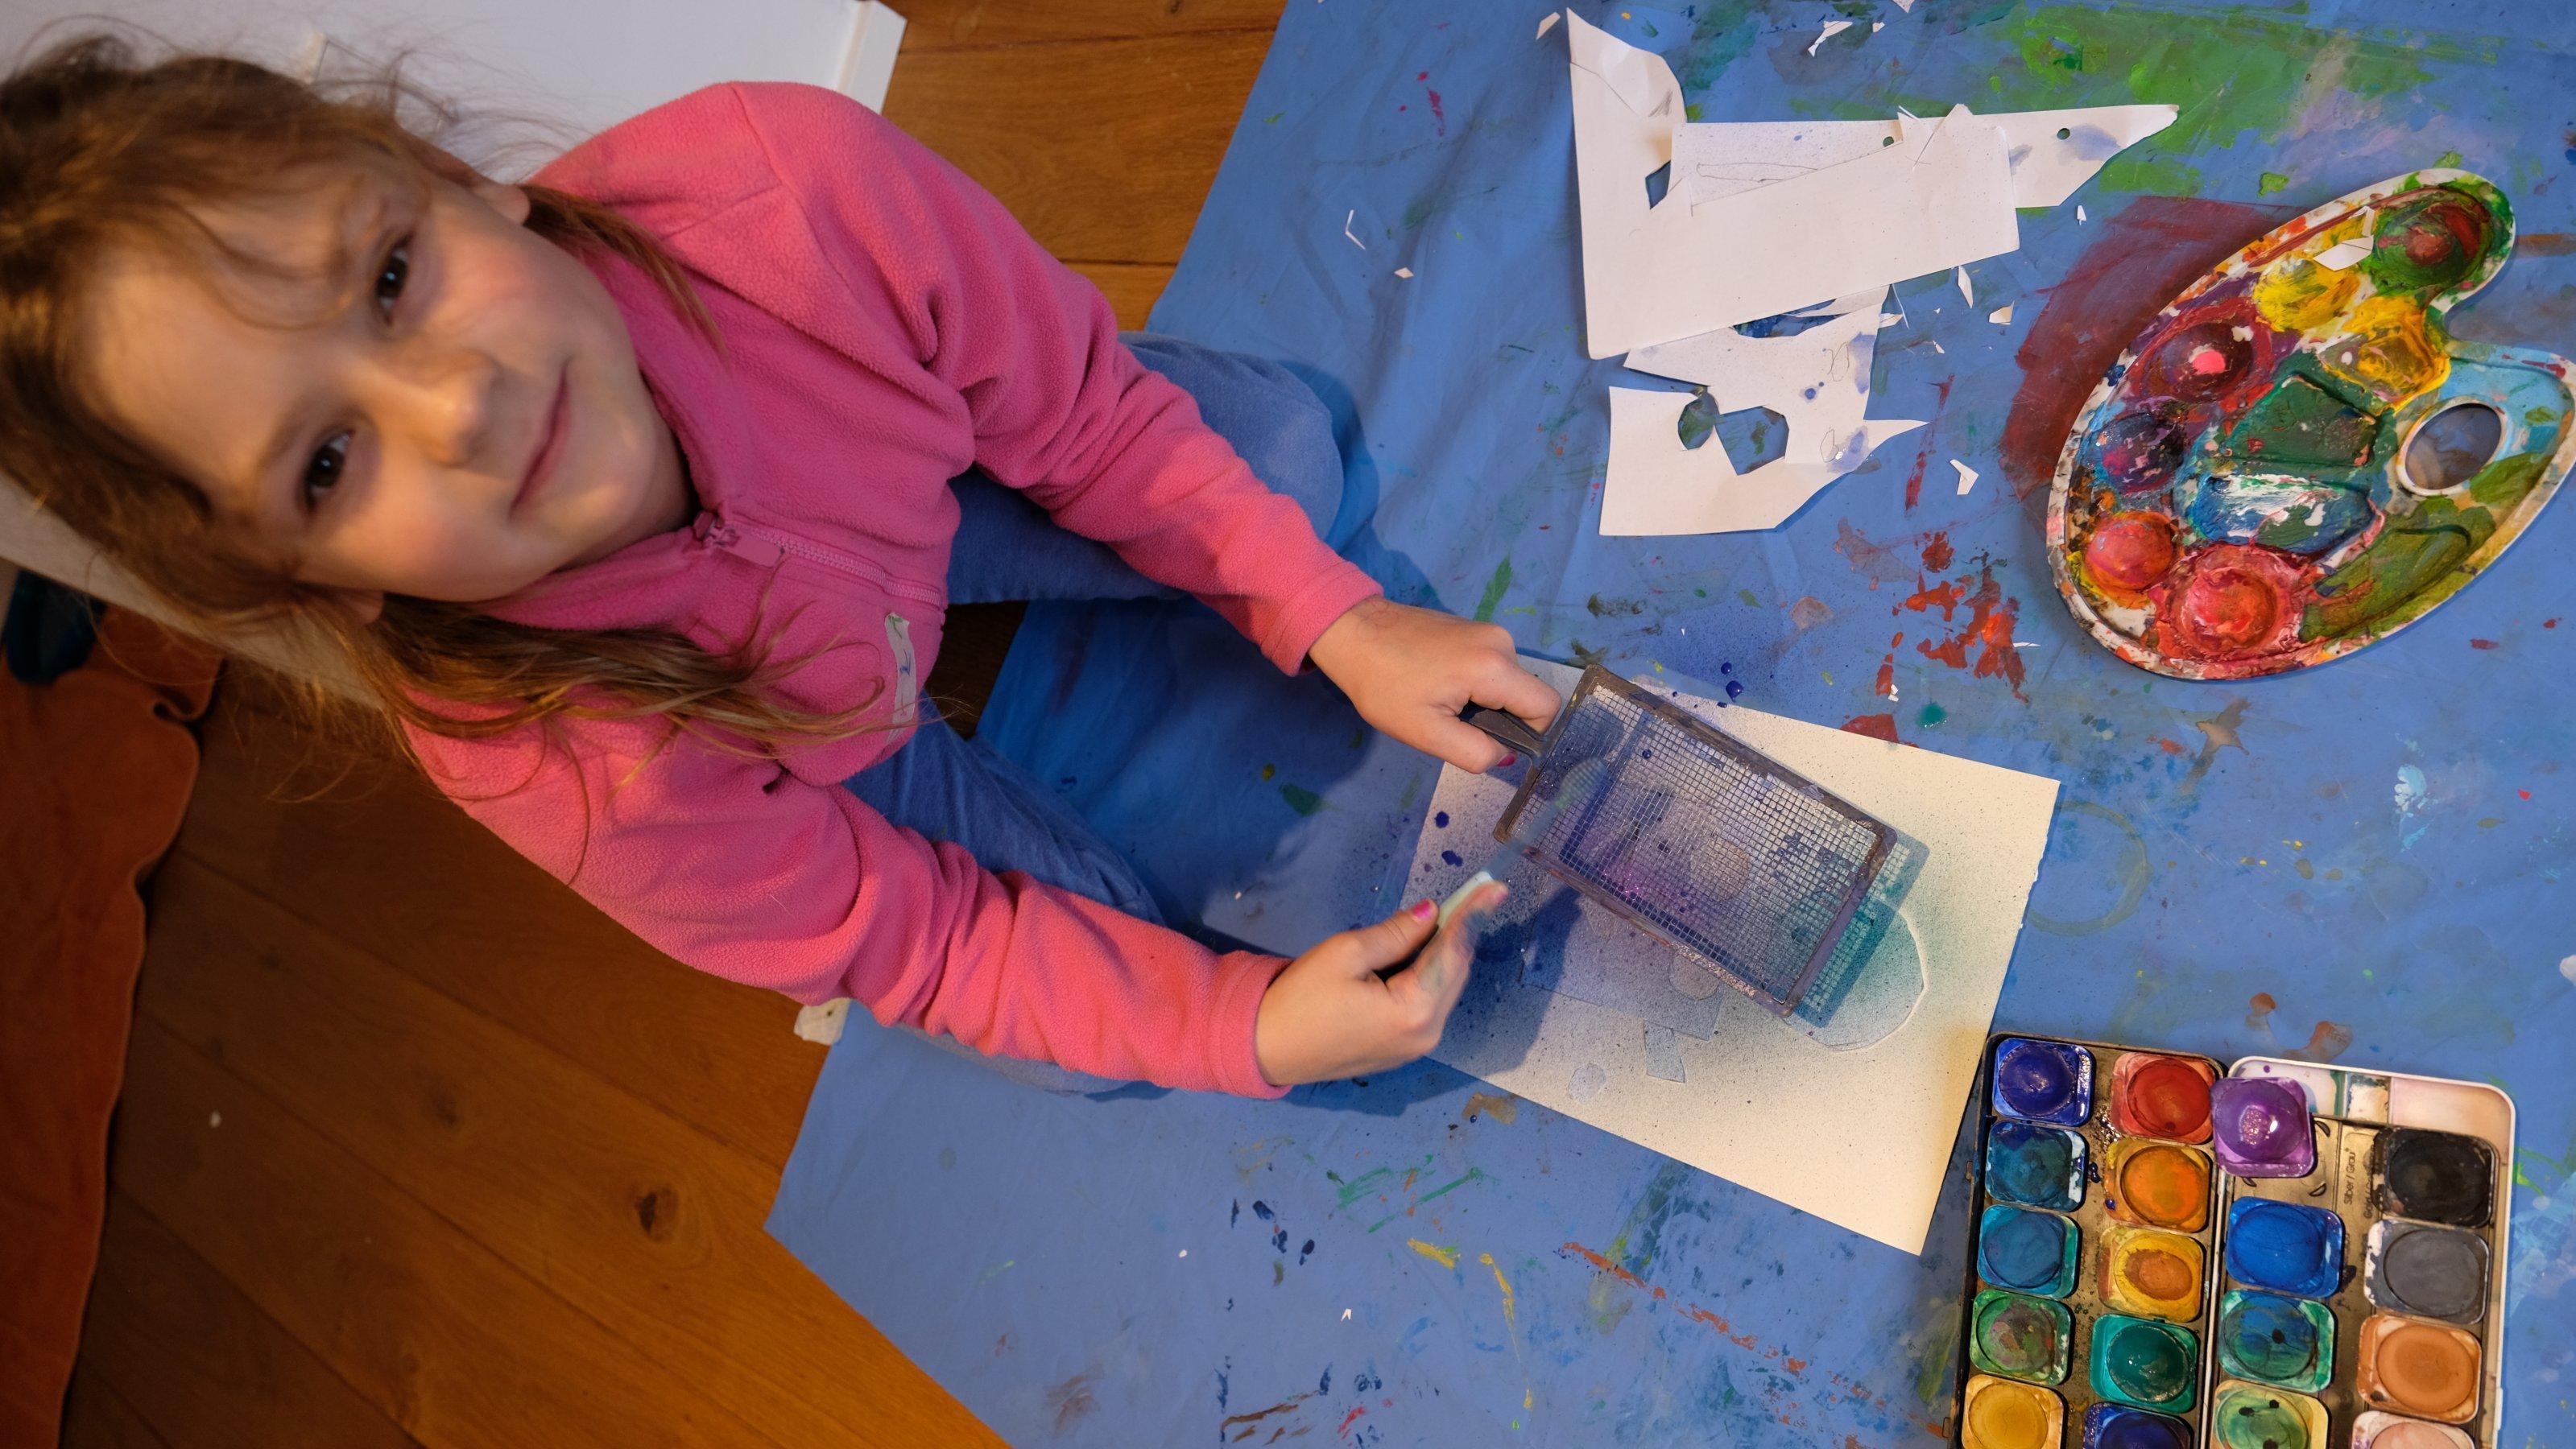 Auf einer blauen Wachstischdecke hockt die achtjährige Orla über ihrem Blatt Papier. Vor ihr liegen der Wasserfarbkasten und eine bunte Palette zum Farbenmischen. Sie guckt in die Kamera. Links hält sie ein Sieb, rechts eine Zahnbürste mit Farbe. Auf dem Papier sind schon ein paar Spritzer verteilt.